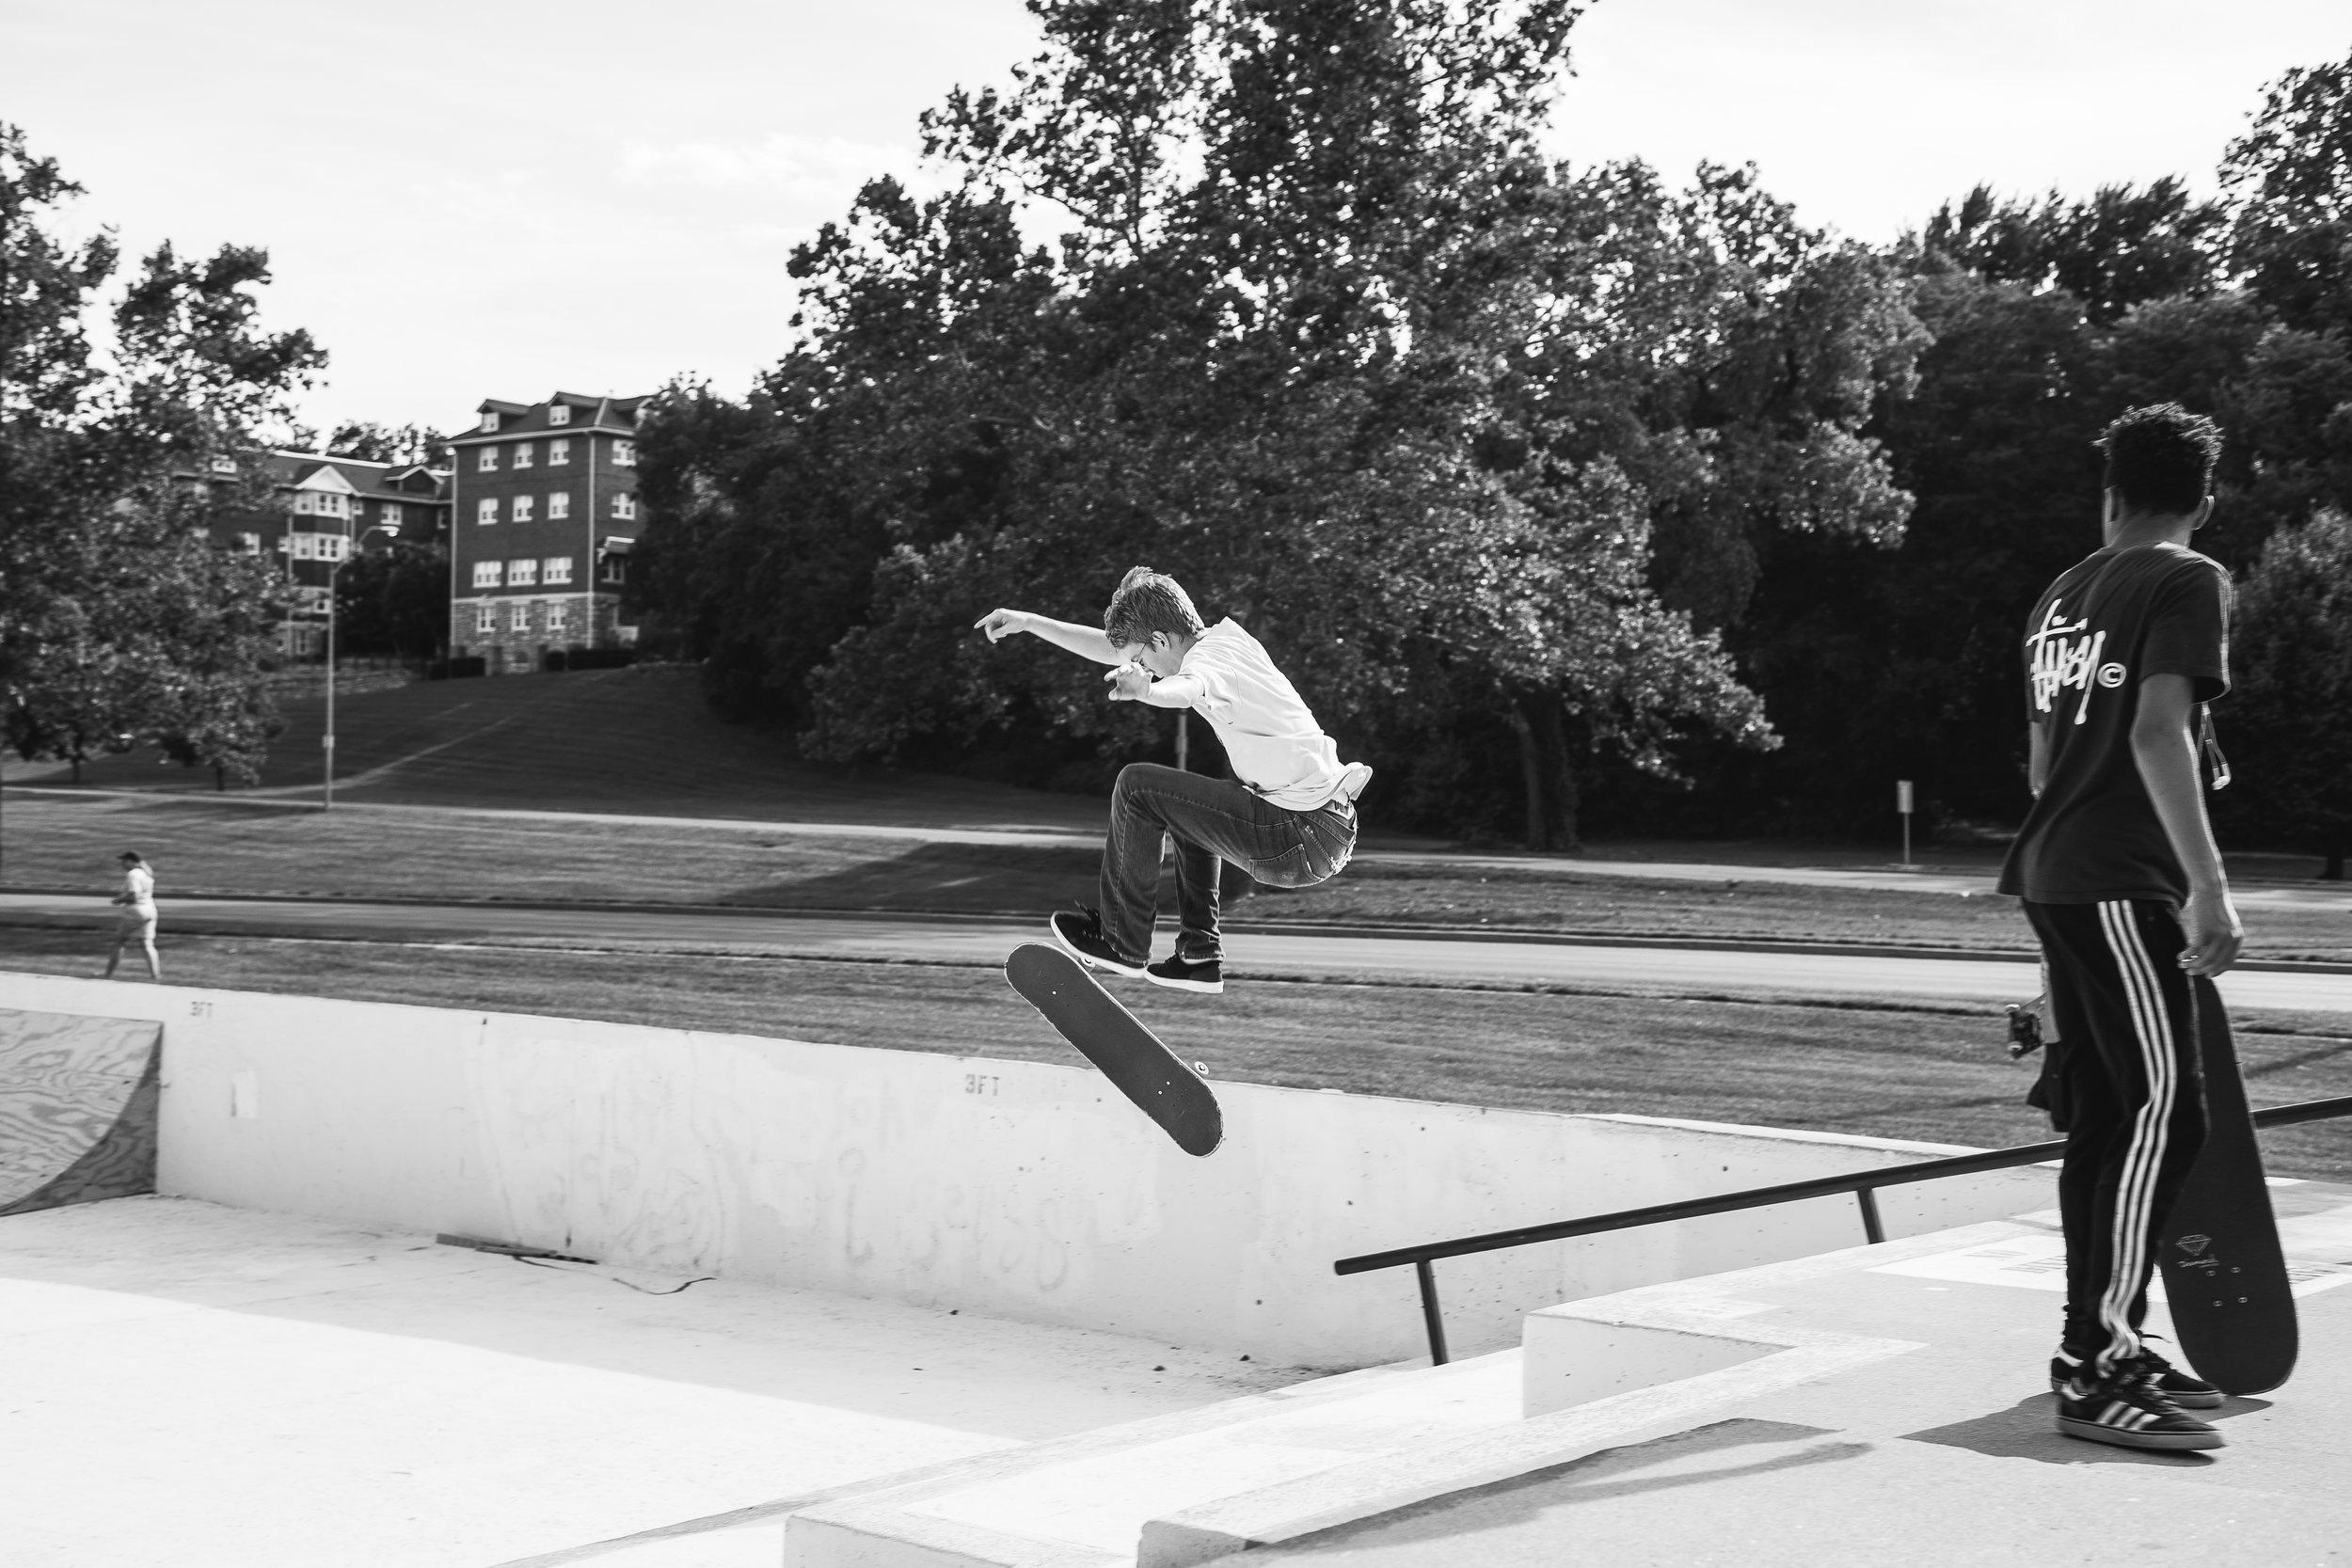 Go Skateboarding Day - June '17 - 29.jpg